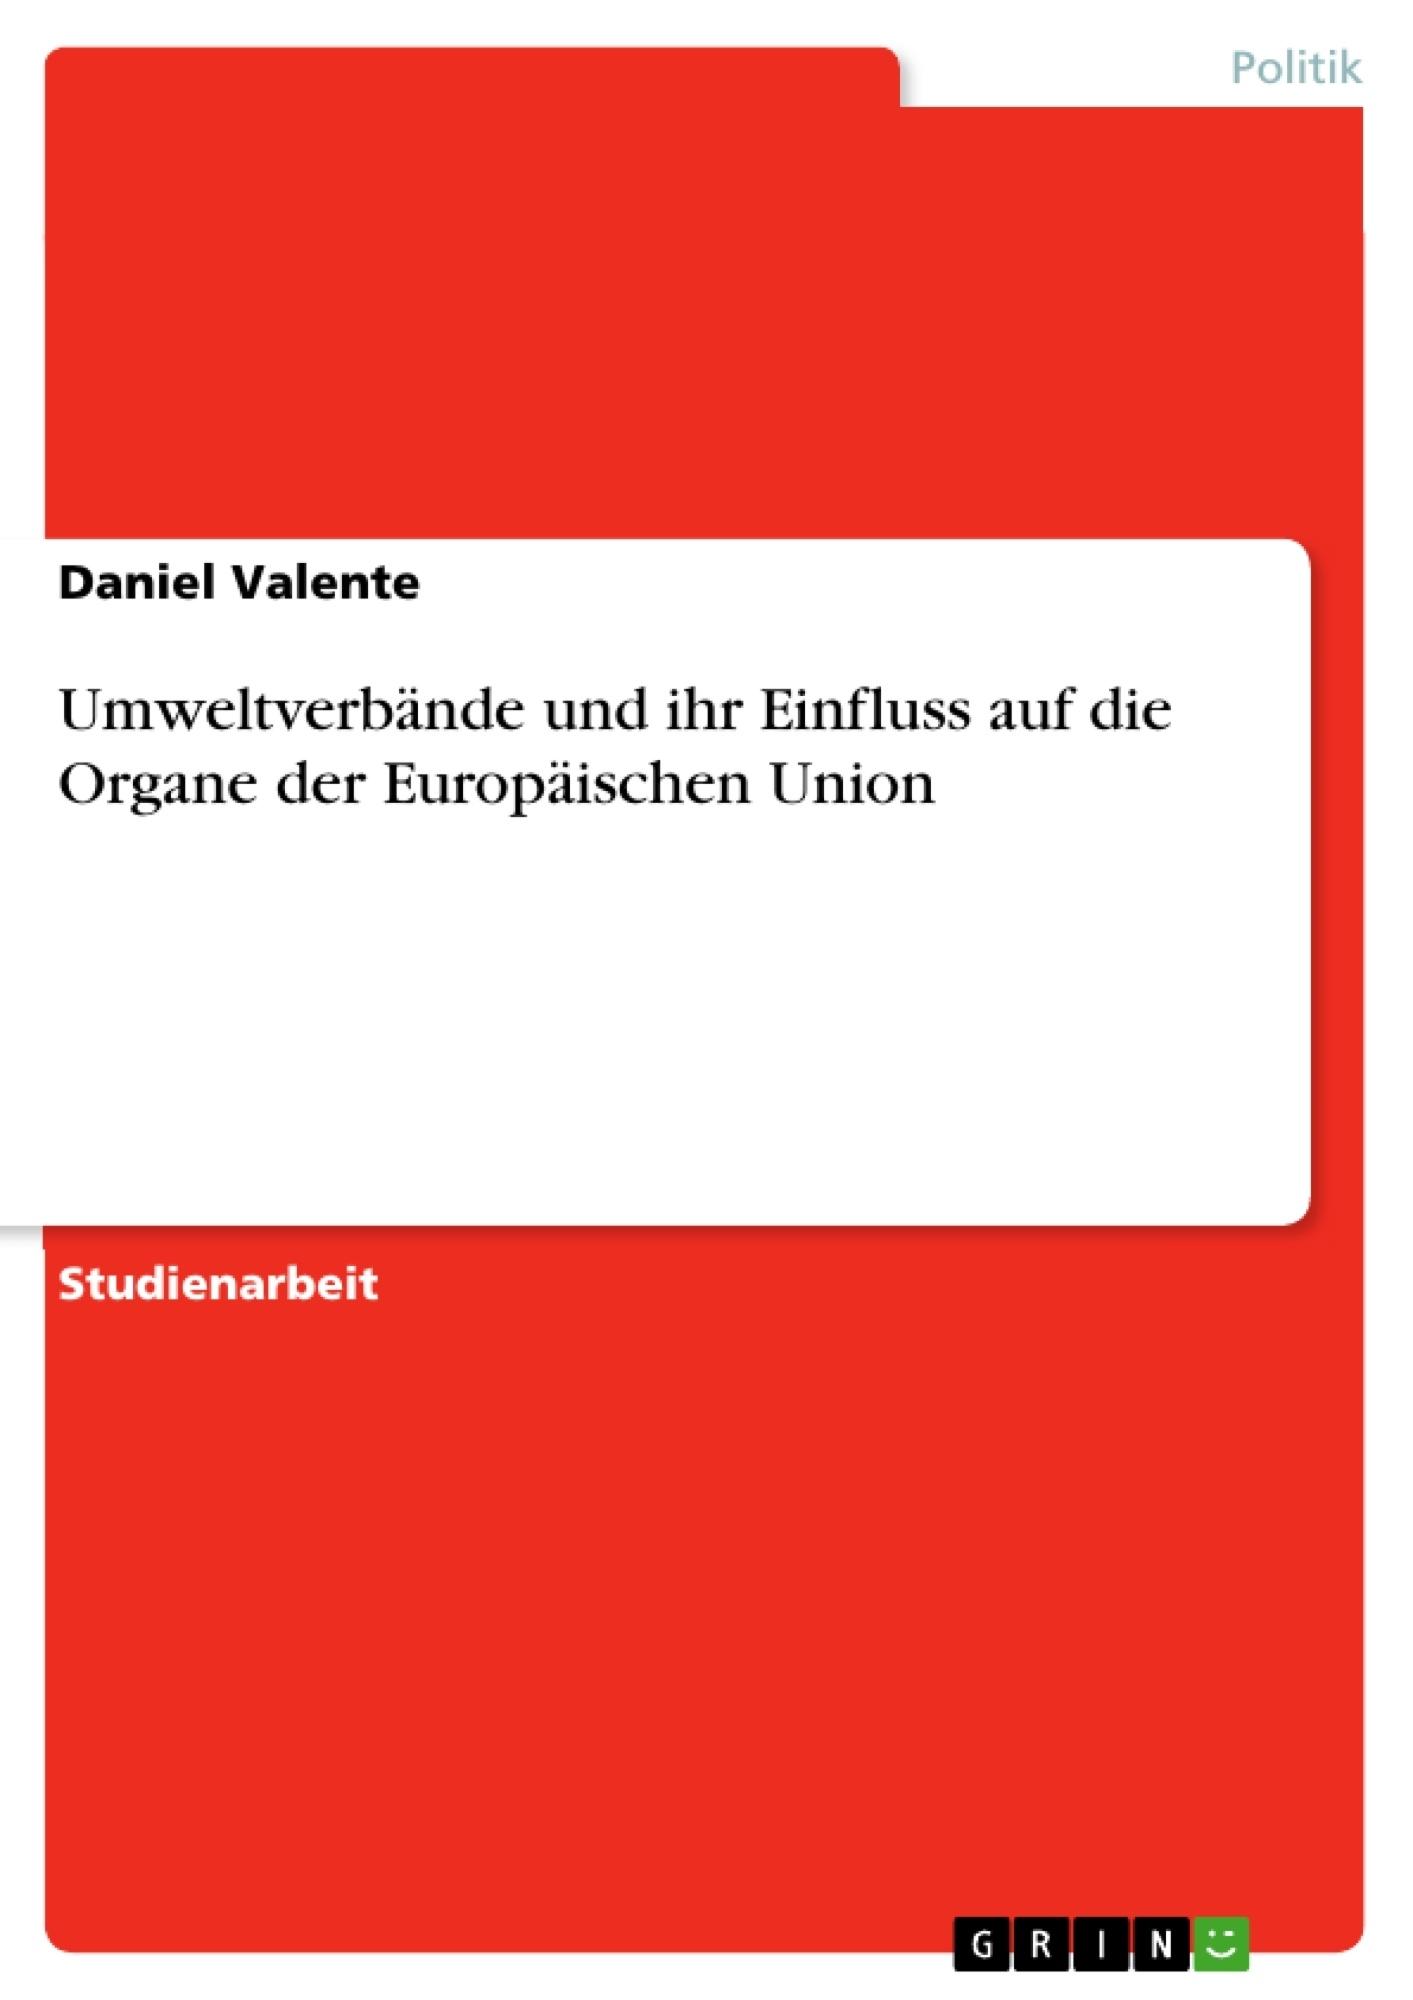 Titel: Umweltverbände und ihr Einfluss auf die Organe der Europäischen Union